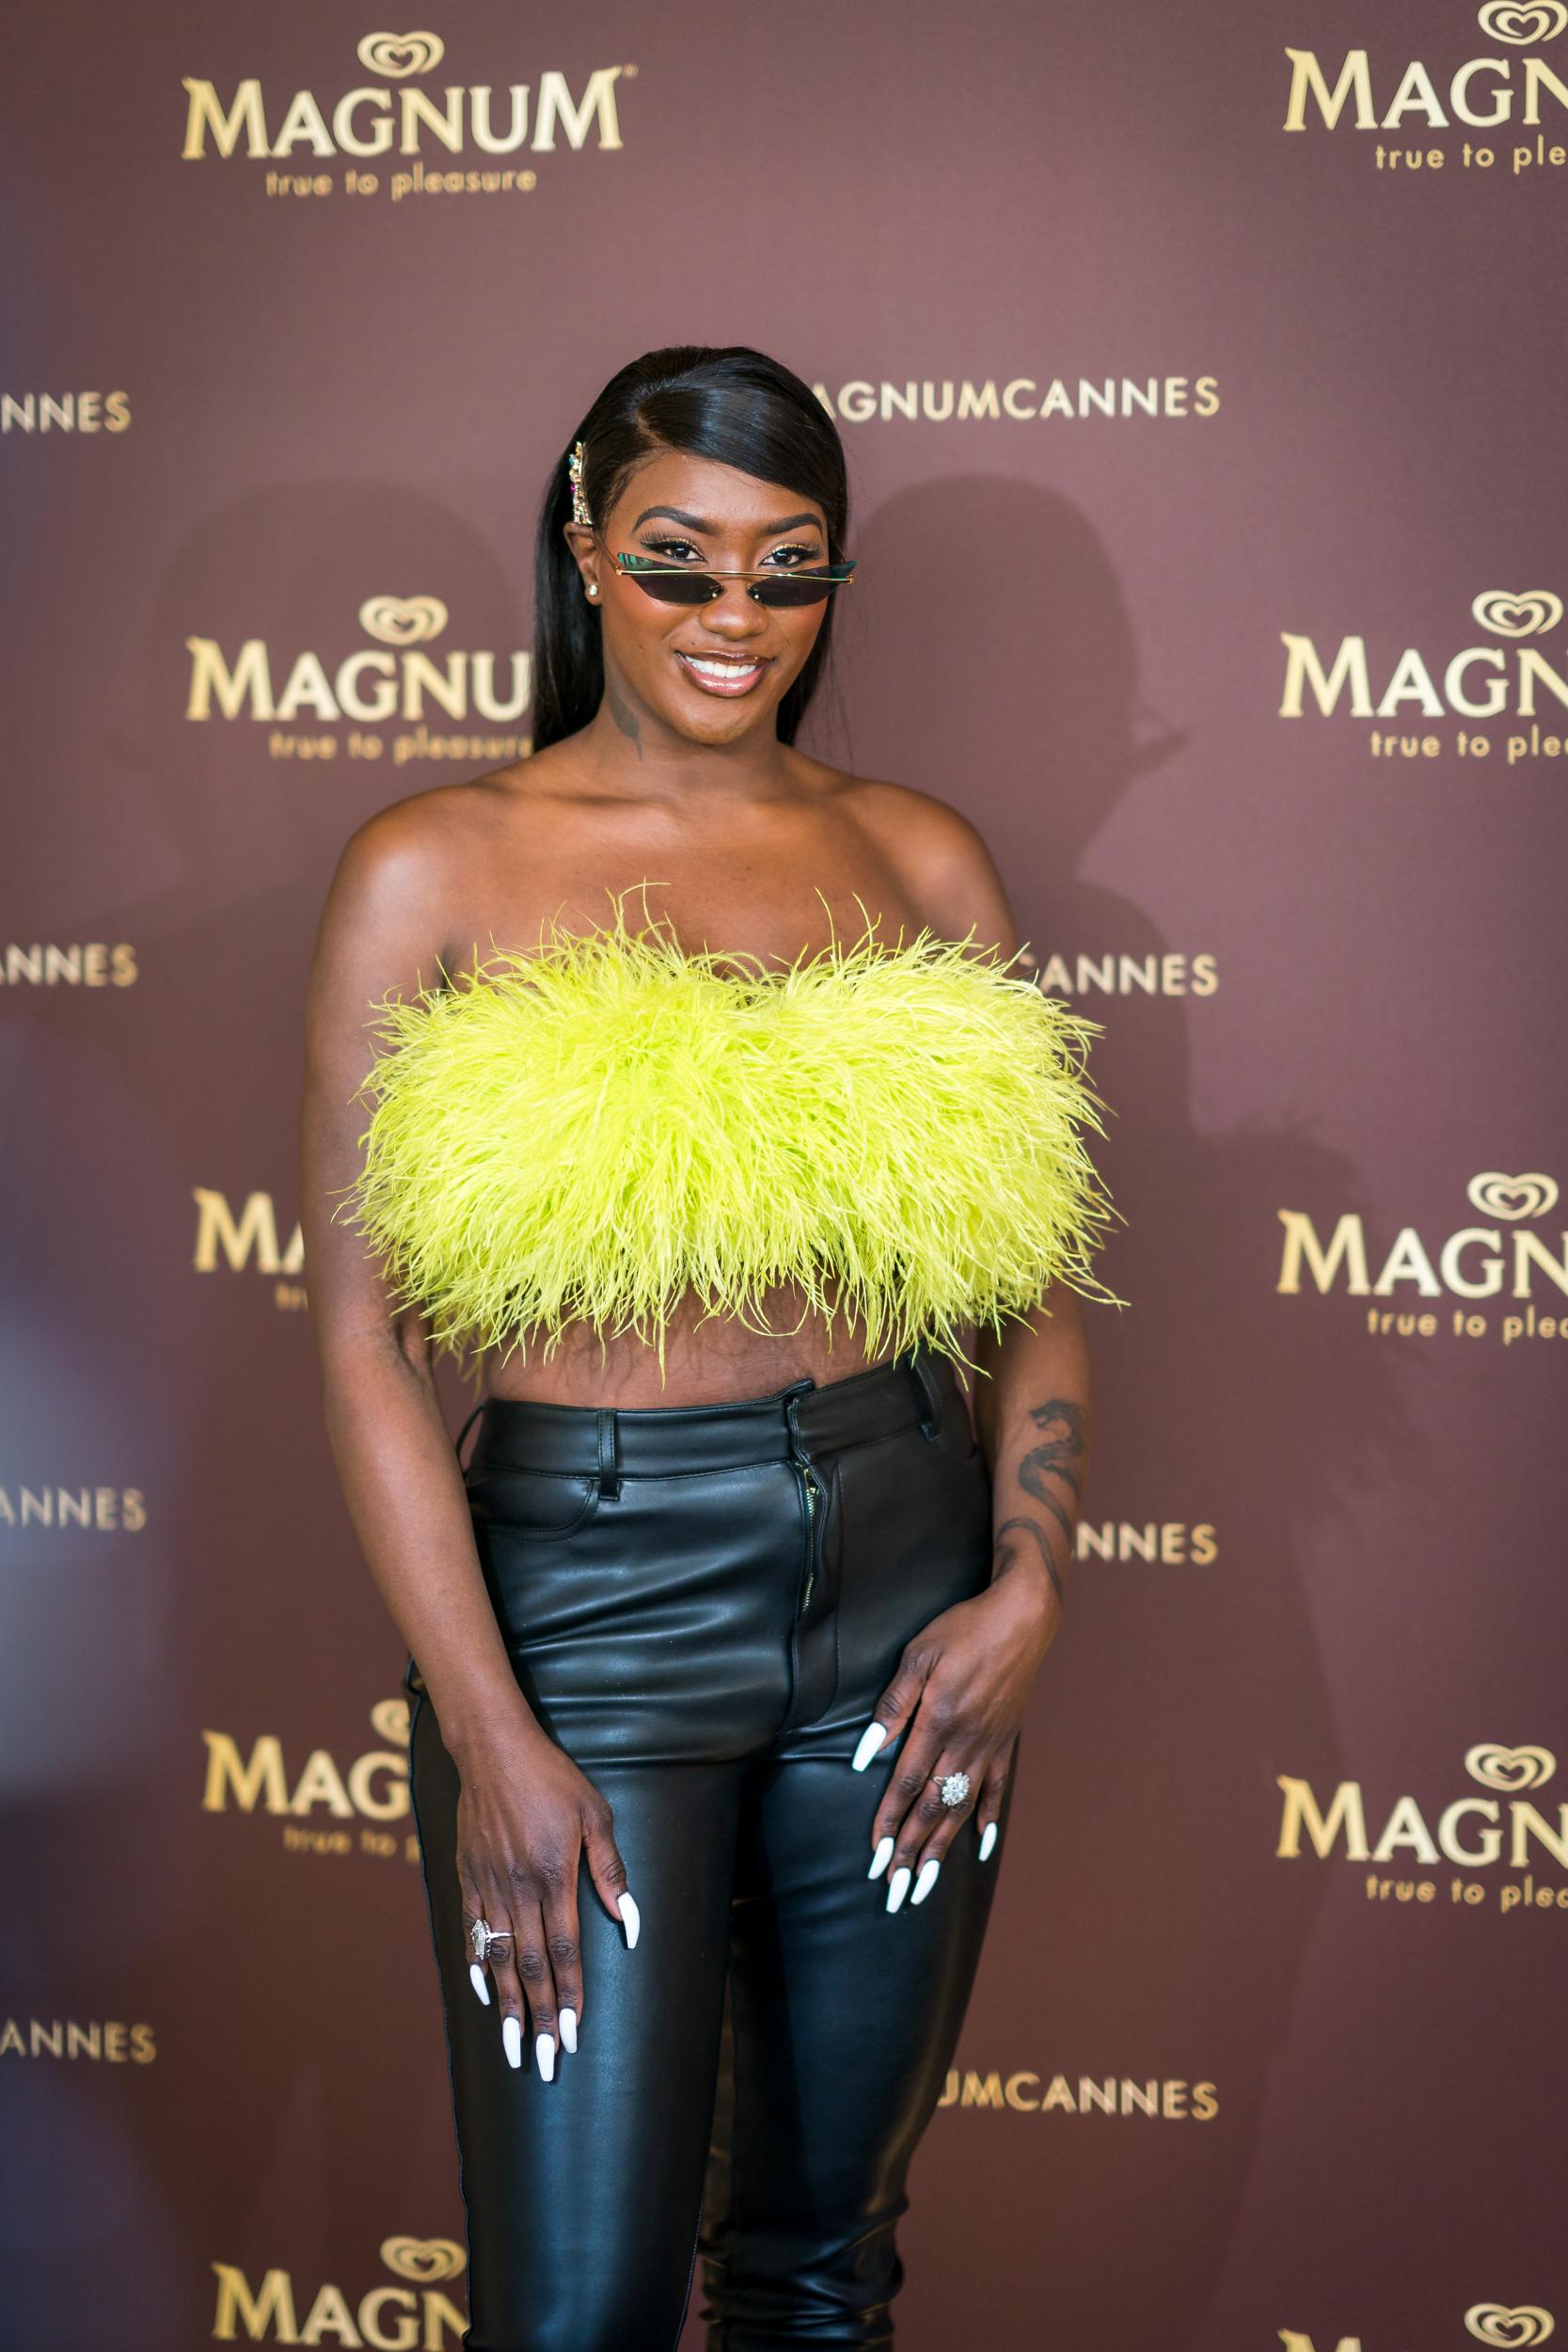 Magnum Cannes 2019_Florian Leger_HD_N°-445.jpg